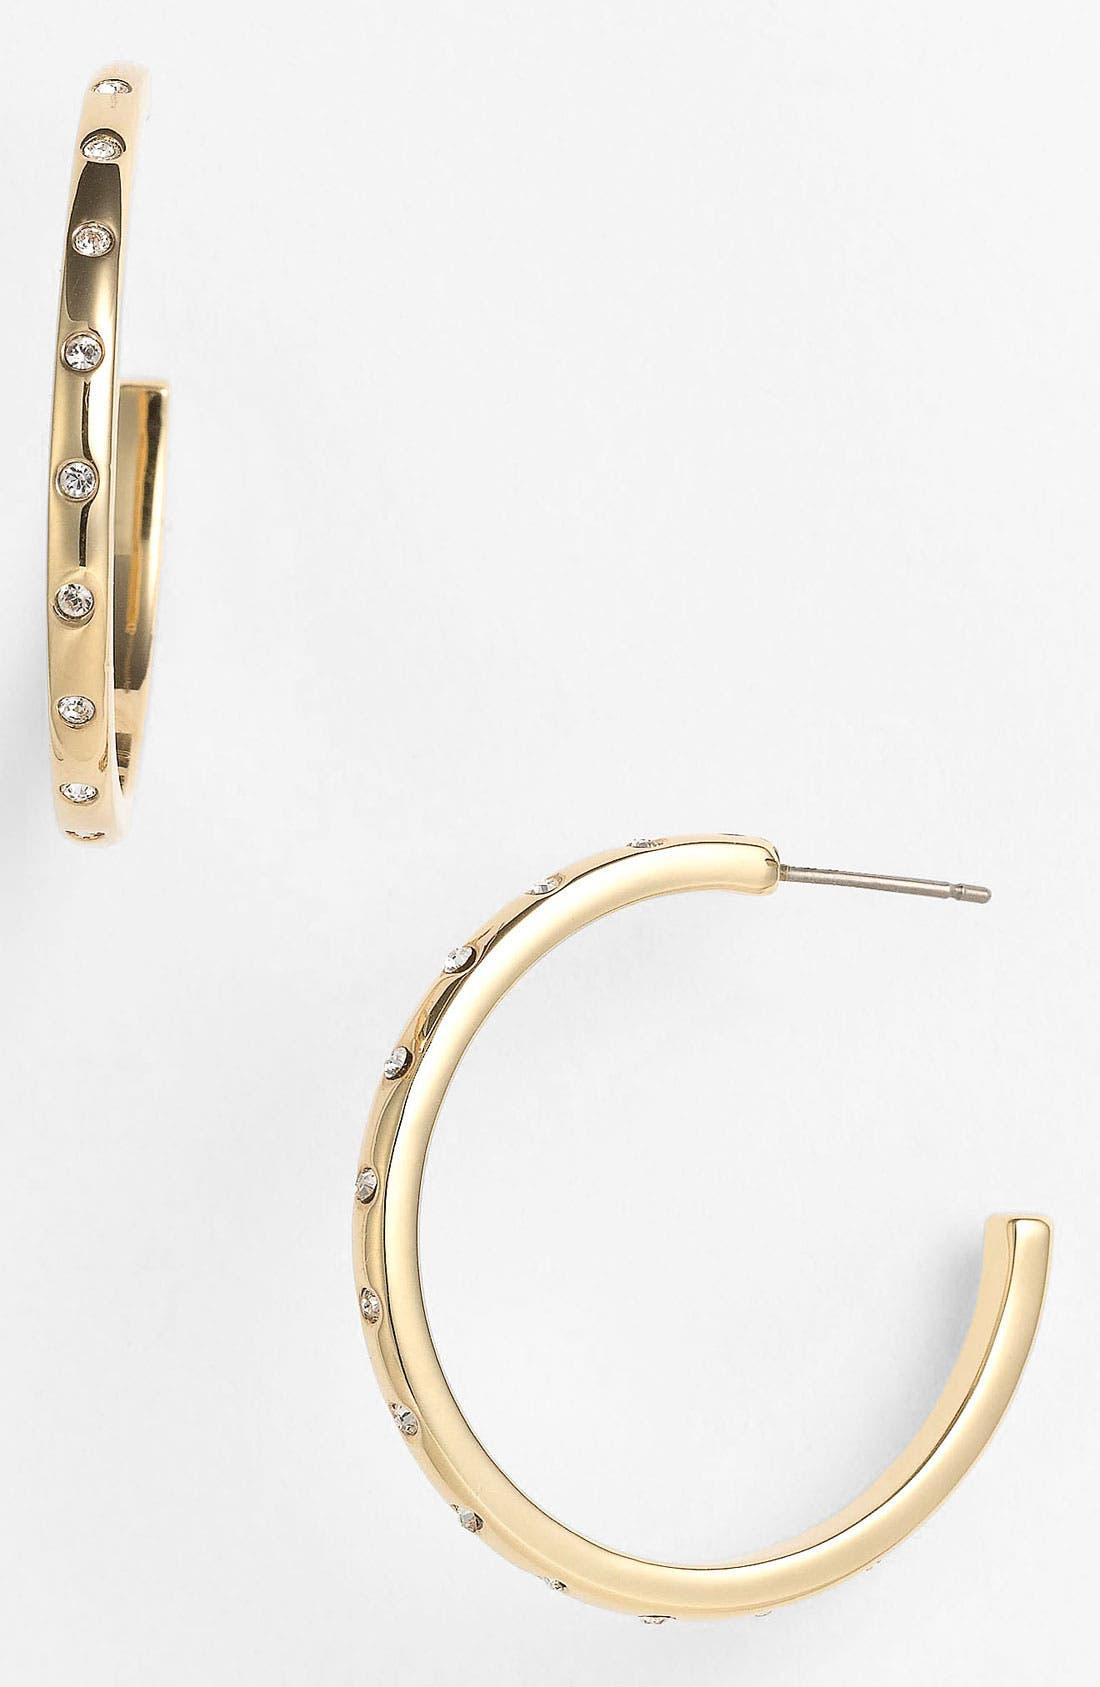 Alternate Image 1 Selected - Tory Burch 'McCoy' Hoop Earrings